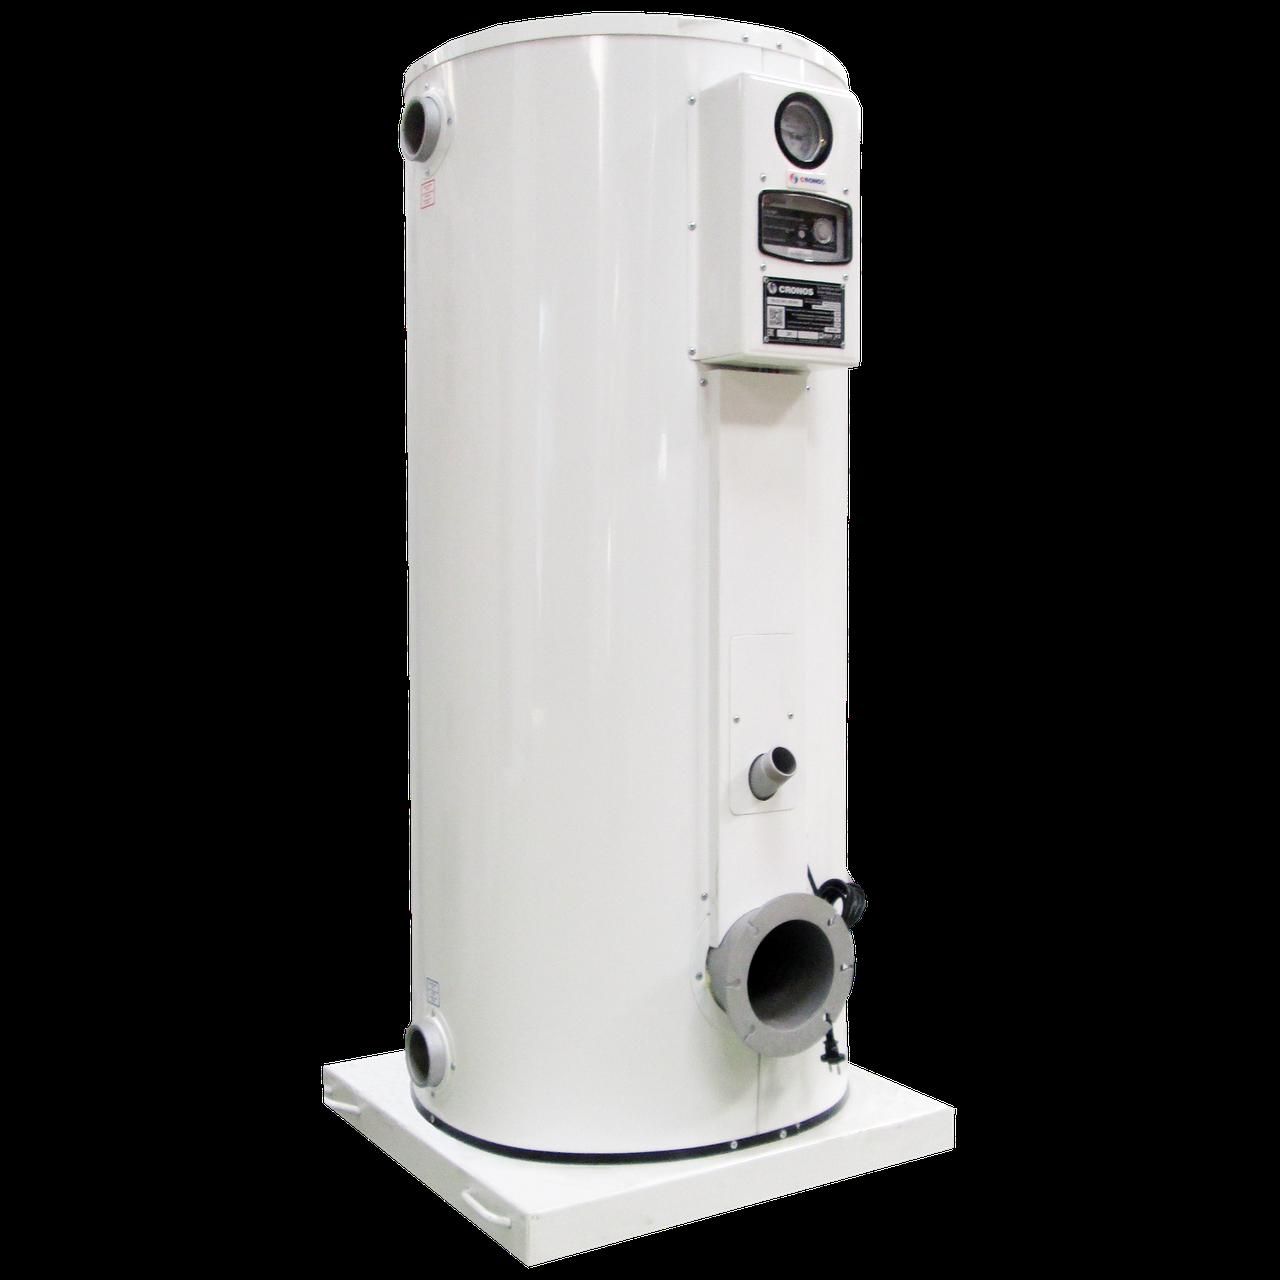 Котёл газовый Cronos BB-2035 (233кВт) для отопления и ГВС